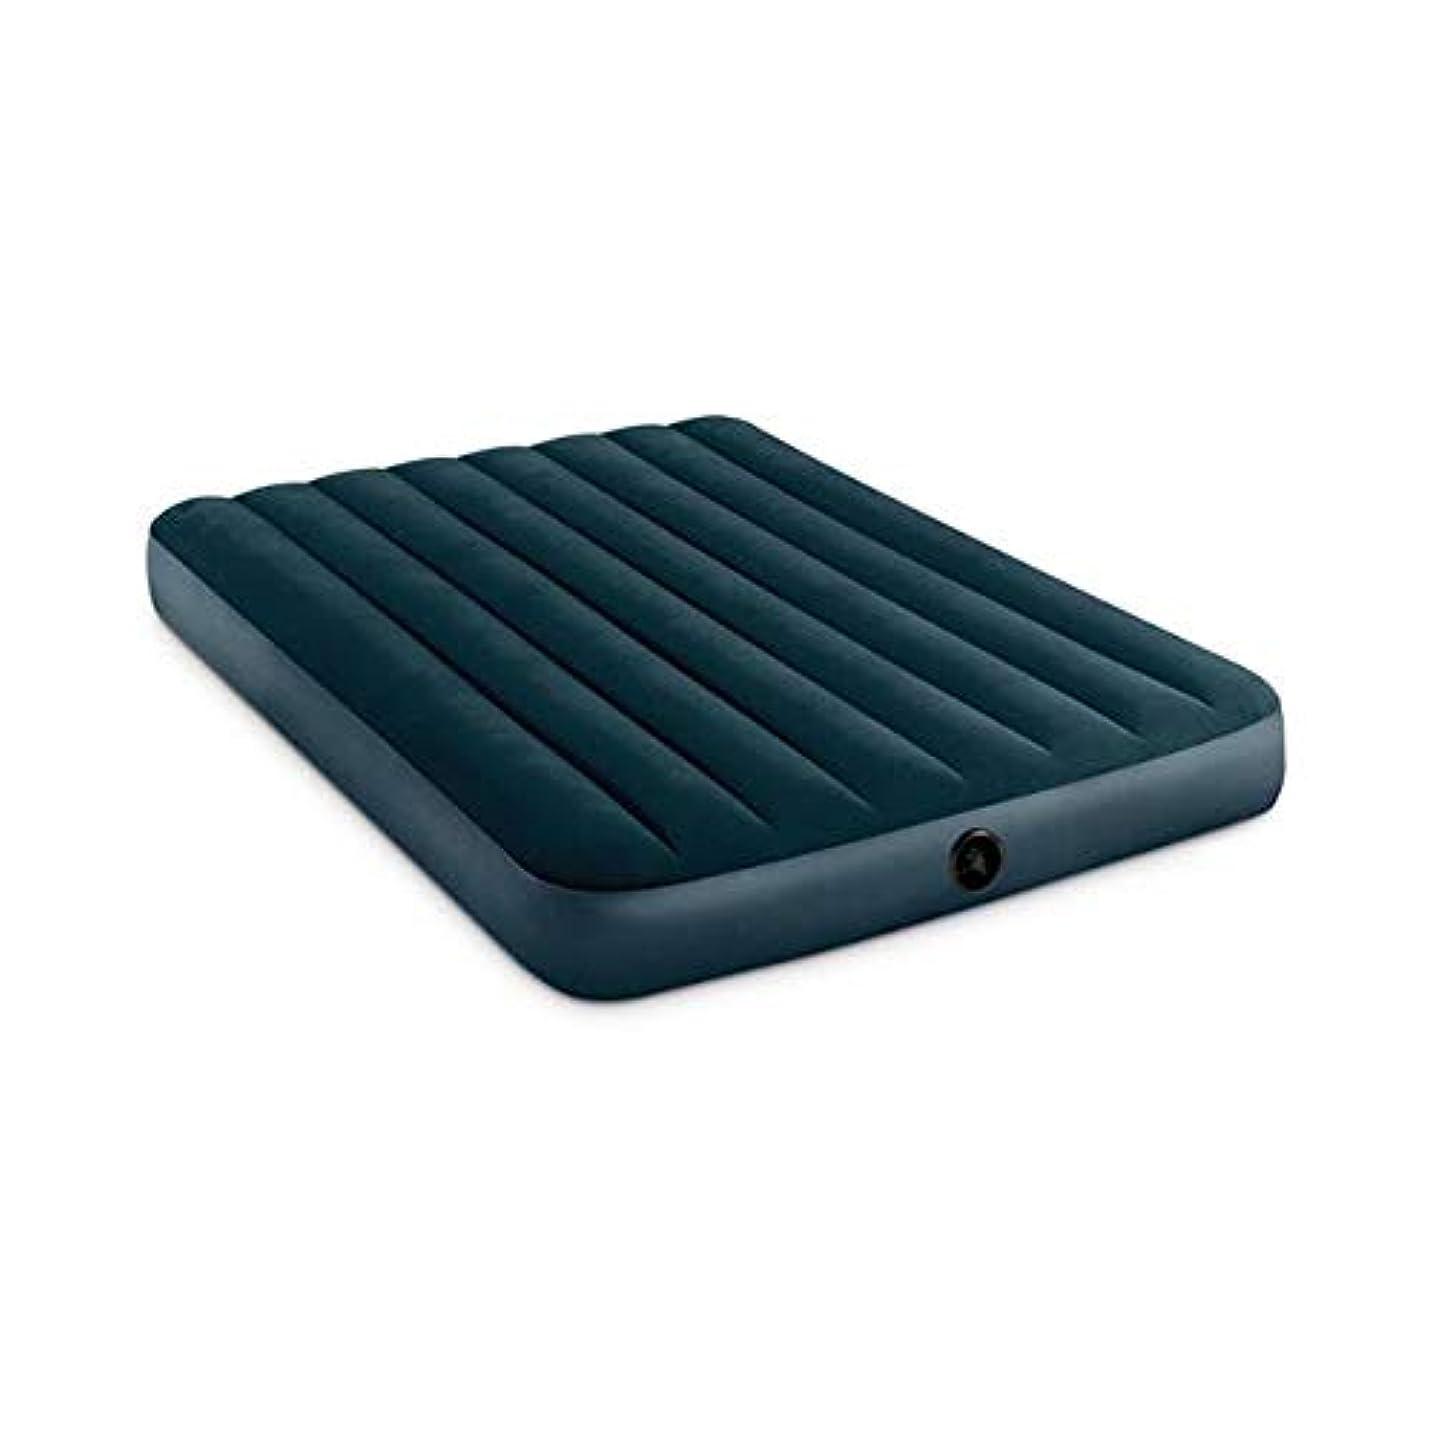 息苦しい精査露膨脹可能なエアベッドの倍のサイズのマットレス、車/家族の2つの使用インフレータ付き複数のサイズの膨脹可能なベッド,191*76*25cm